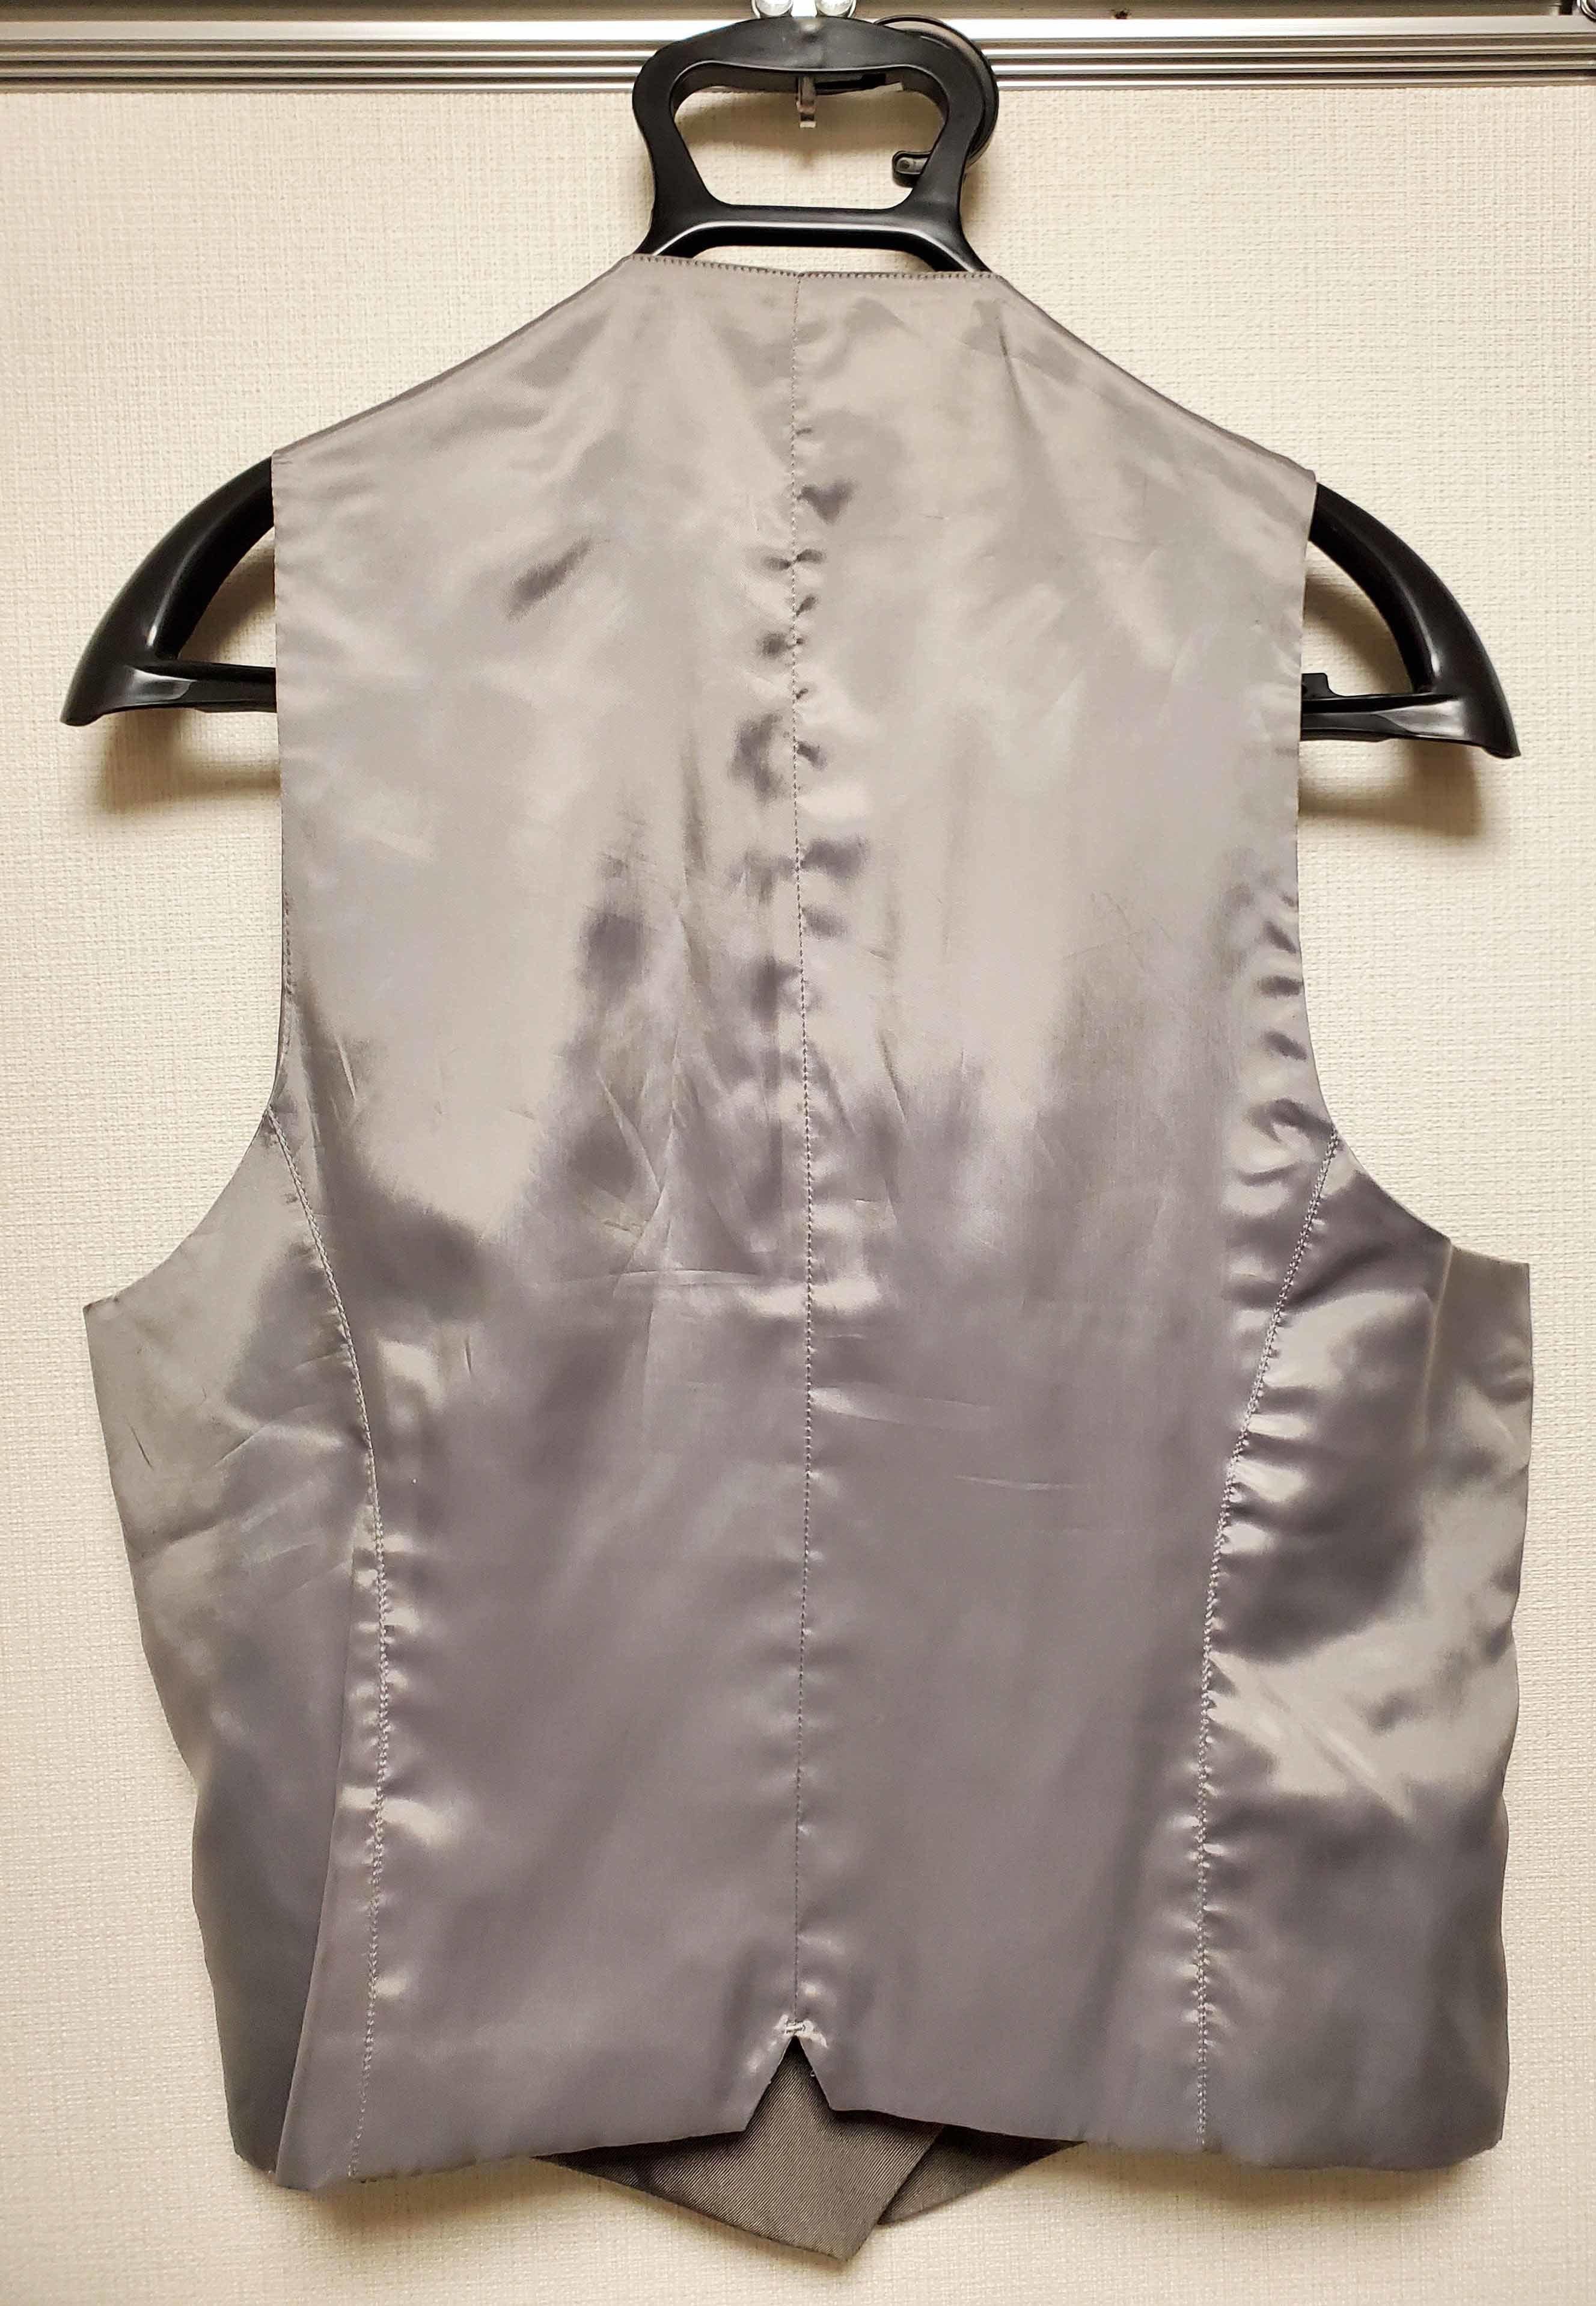 ガスのなりきり衣裳セット(スーツ一式小物付き)<抽選販売>【限定数1】